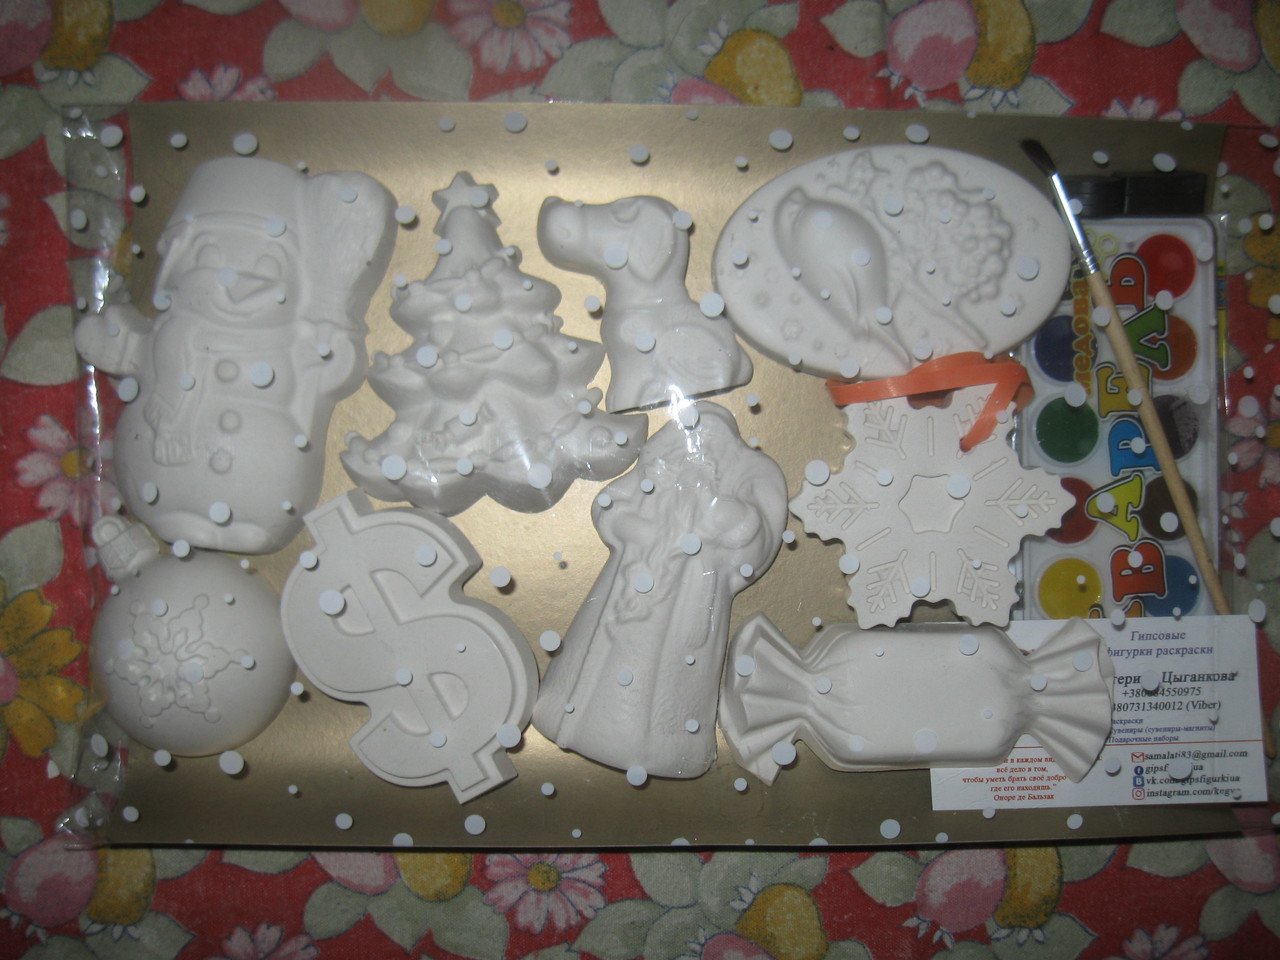 Подарочный набор гипсовых фигурок для творчества. Подарунковий набір гіпсових фігурок до творчості №20